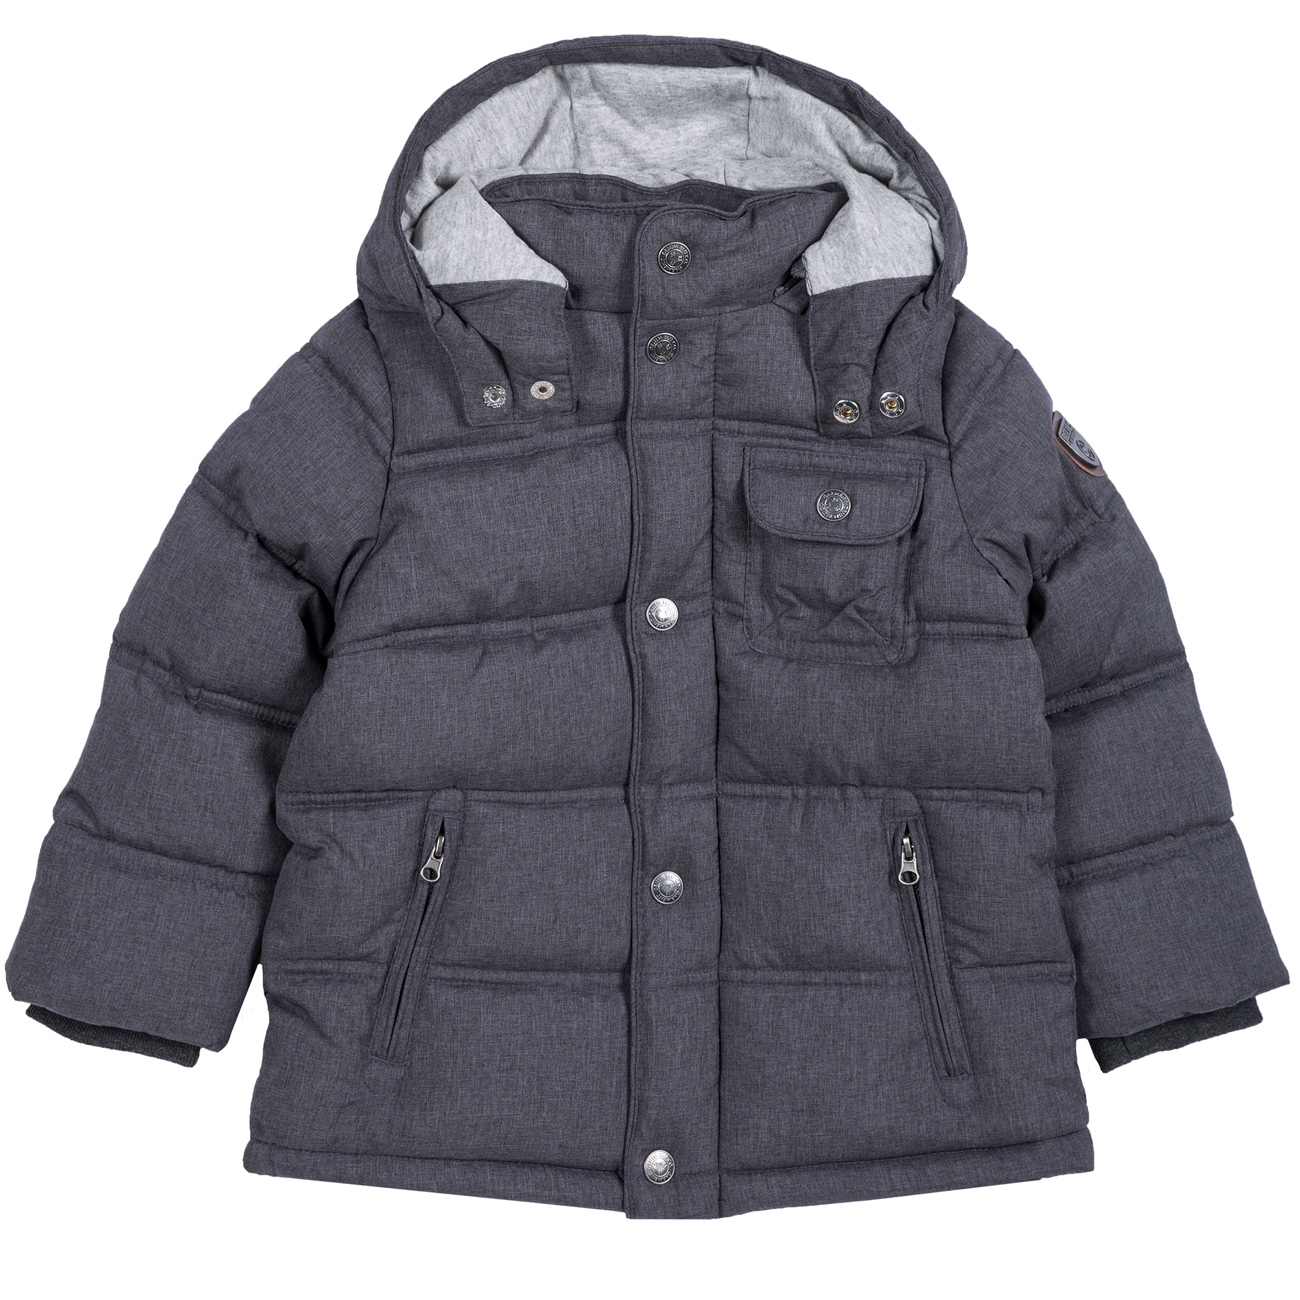 Jacheta copii Chicco, negru